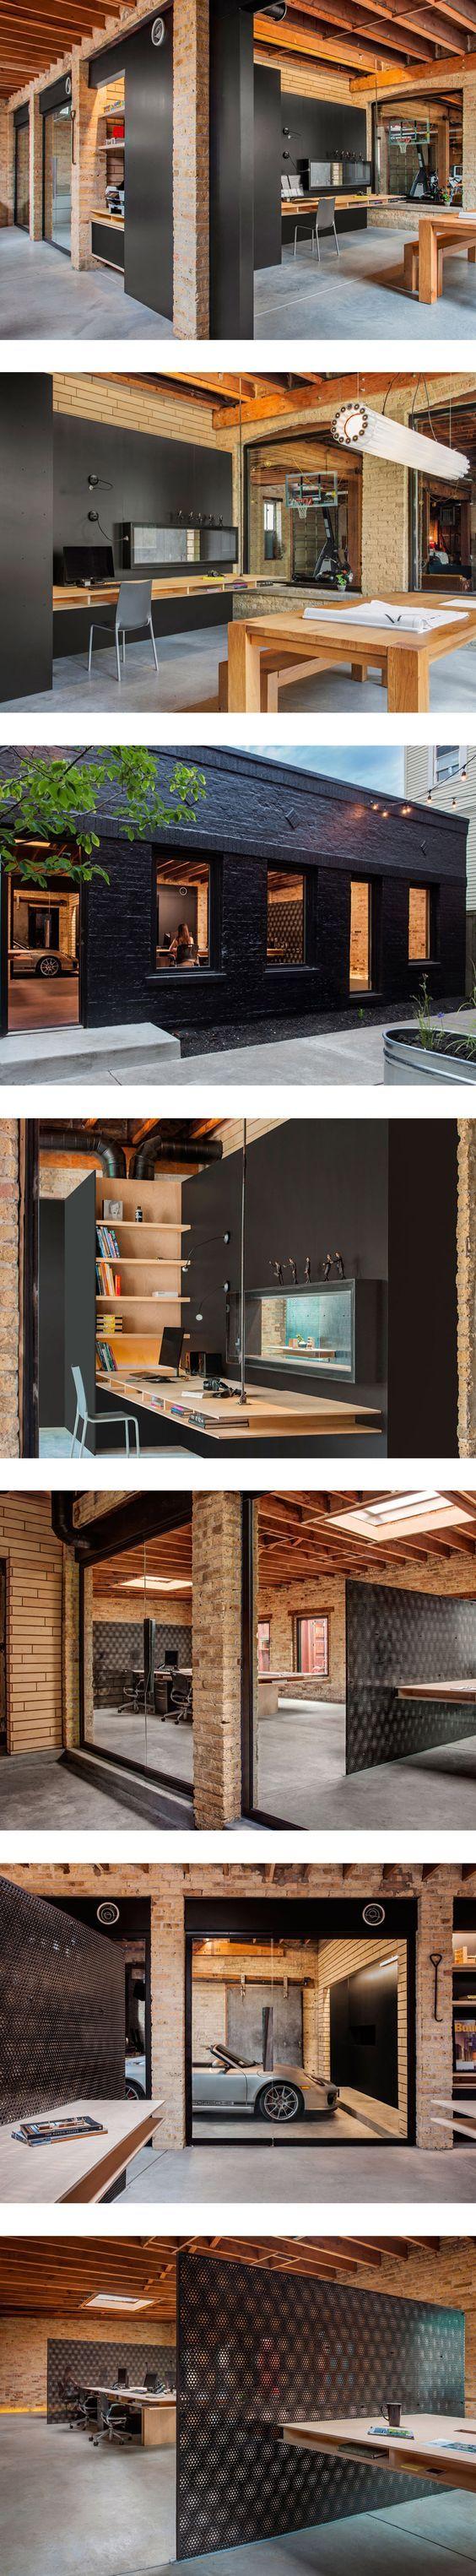 Diseño de oficinas - Indistrial, rustico, calido contemporáneo: